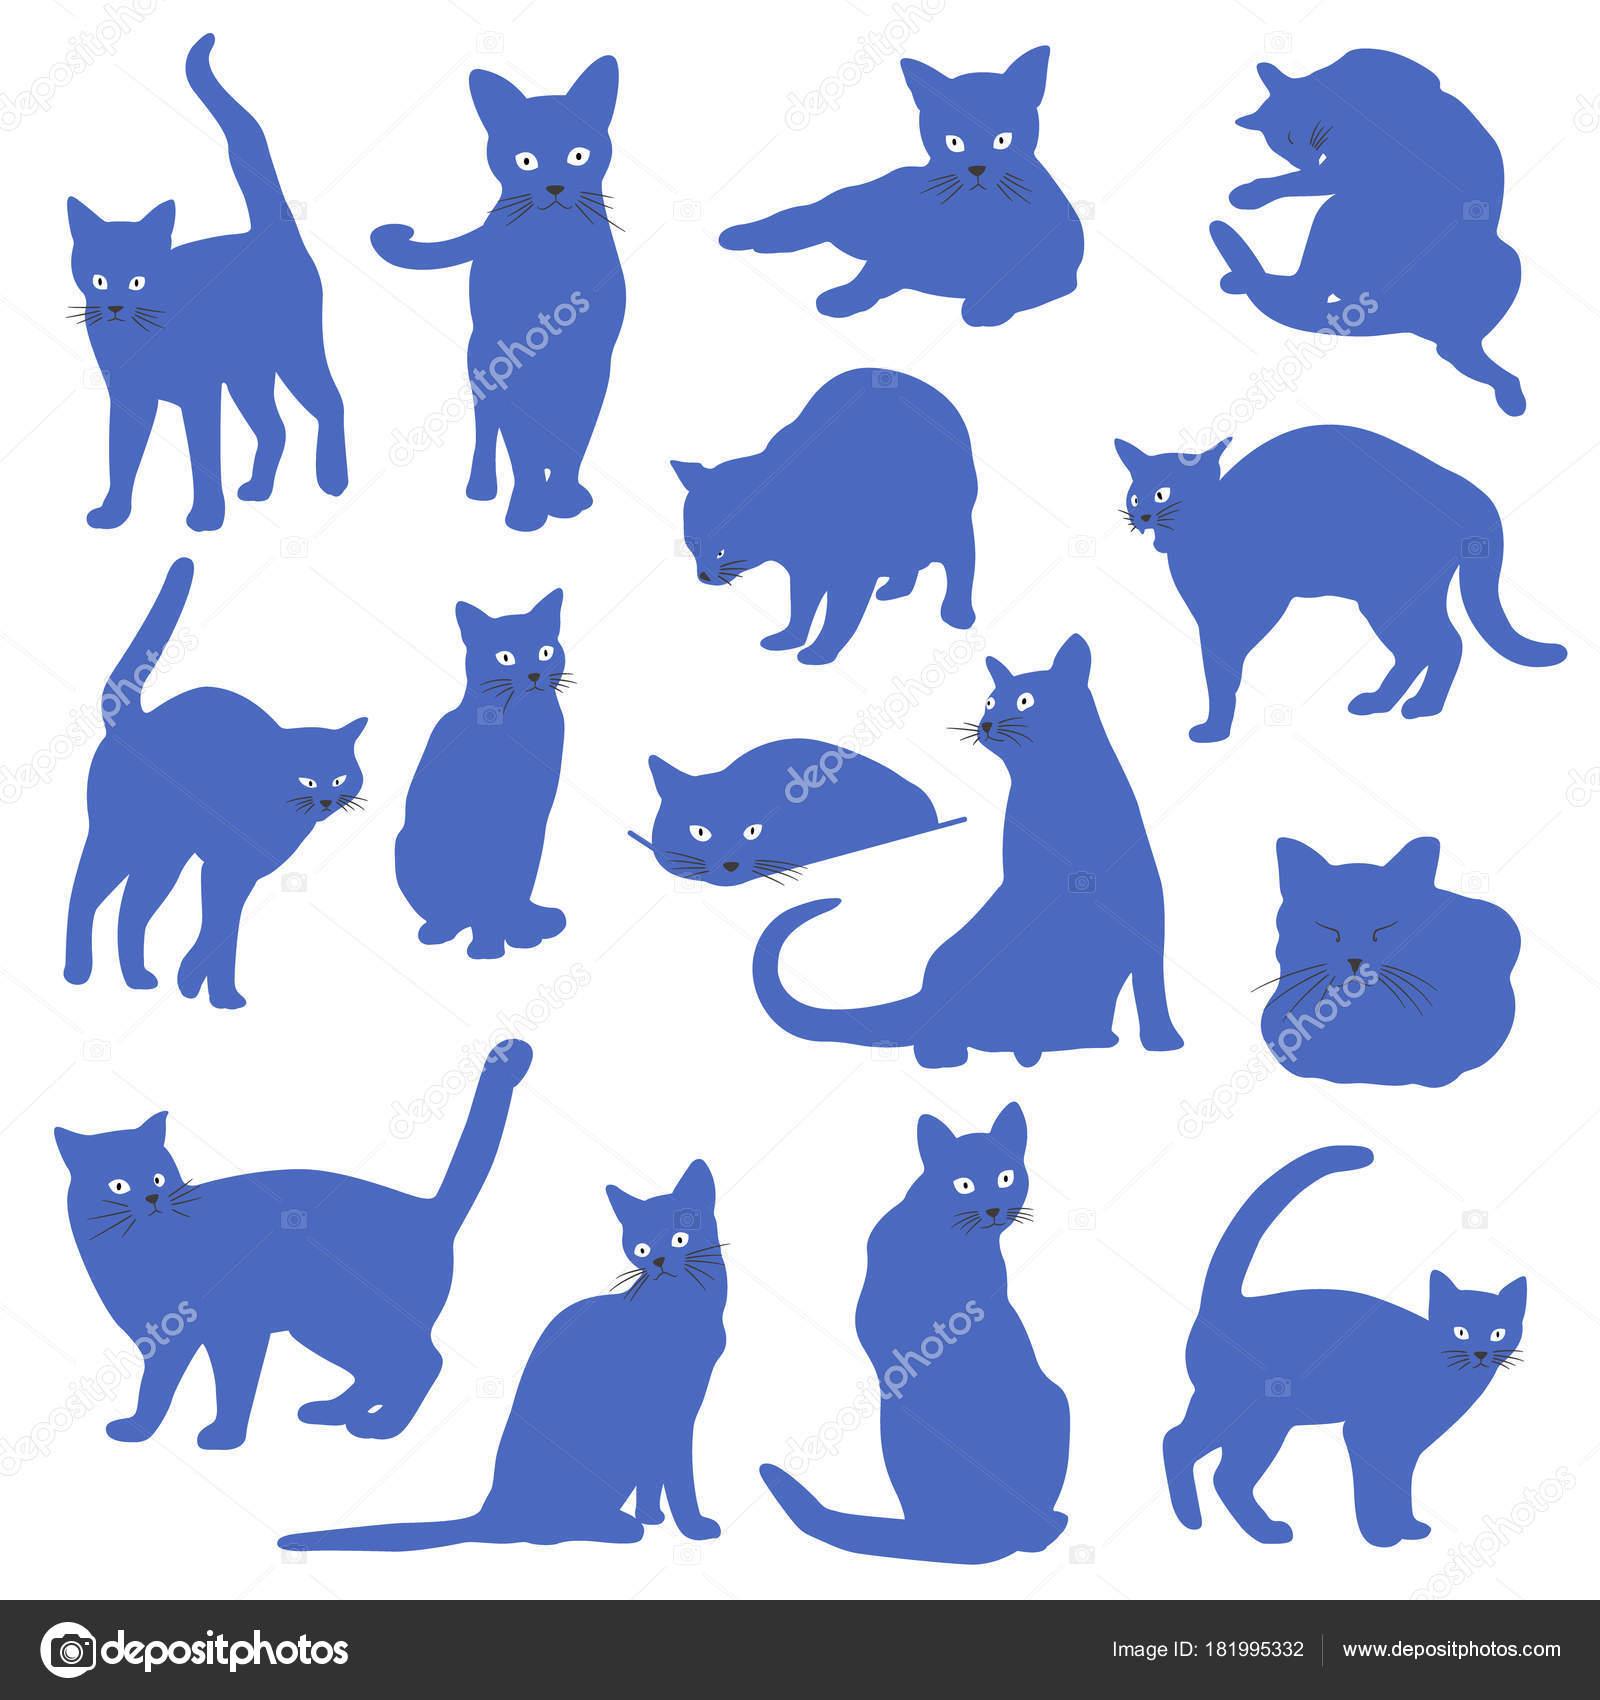 かわいい猫のイラスト かわいい子猫のイラストを作りました ストック